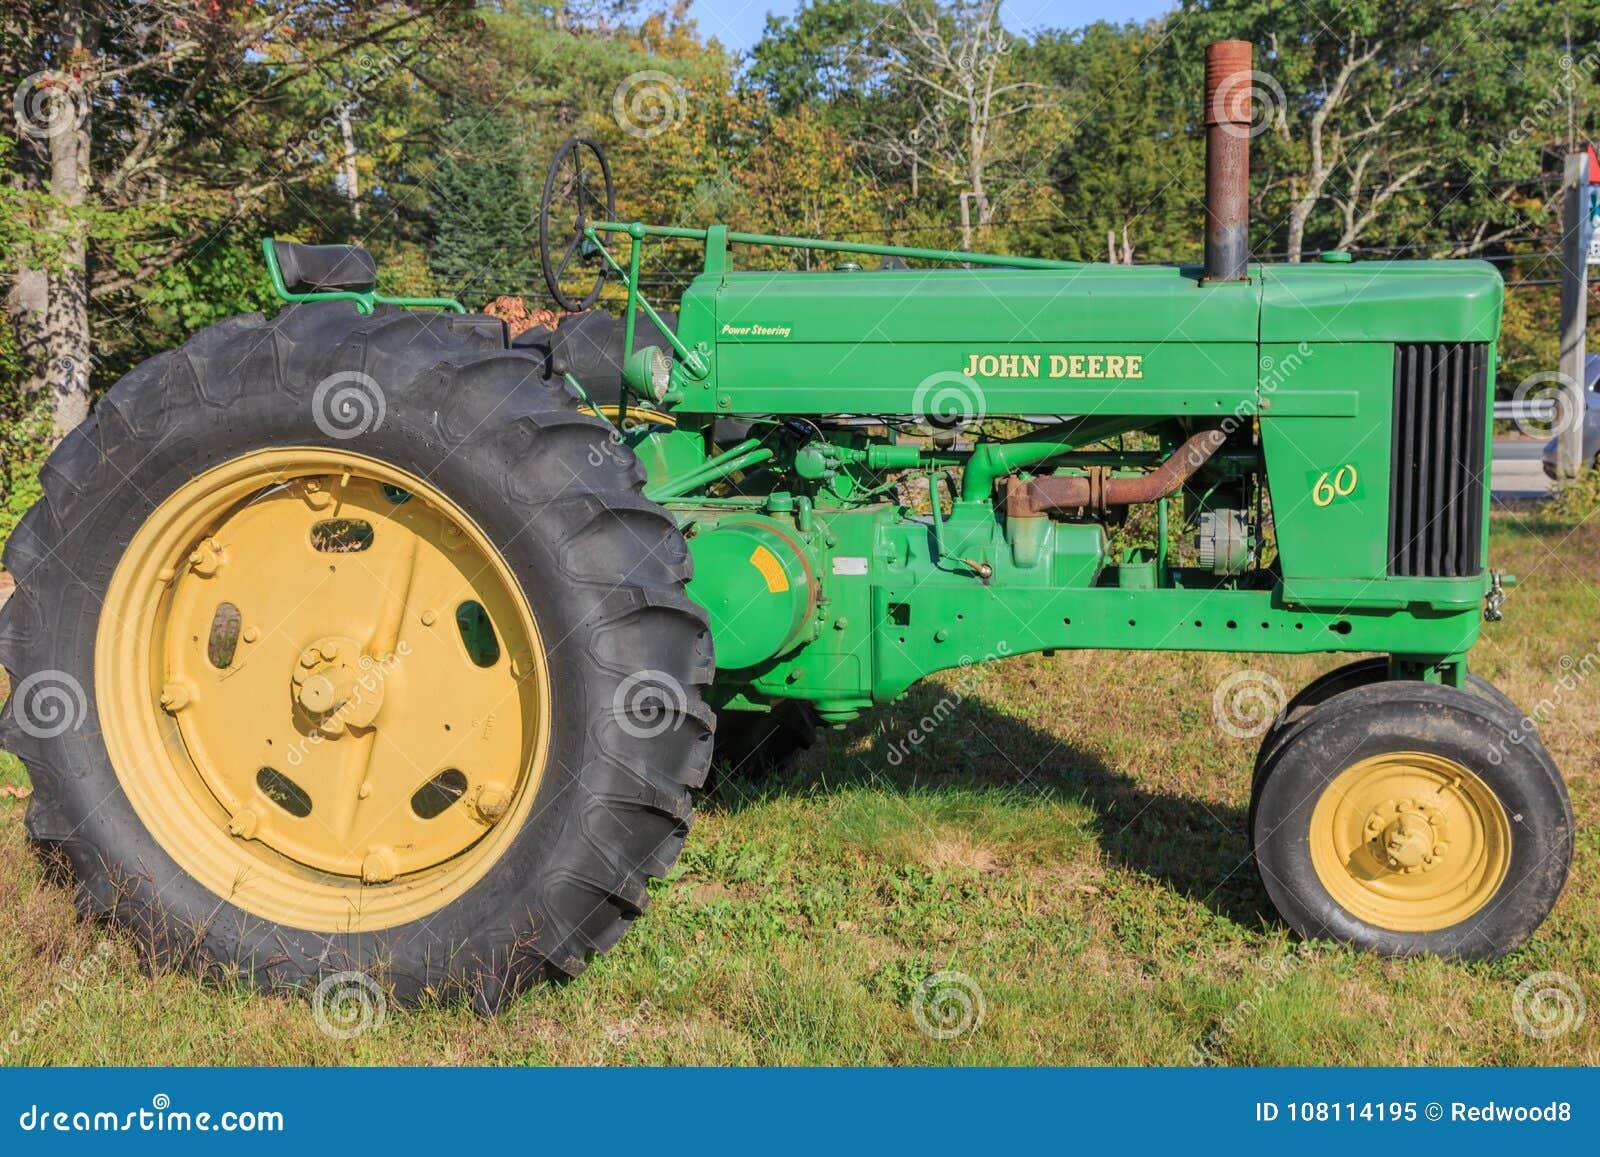 Uitstekend John Deere Model 60 Tractor